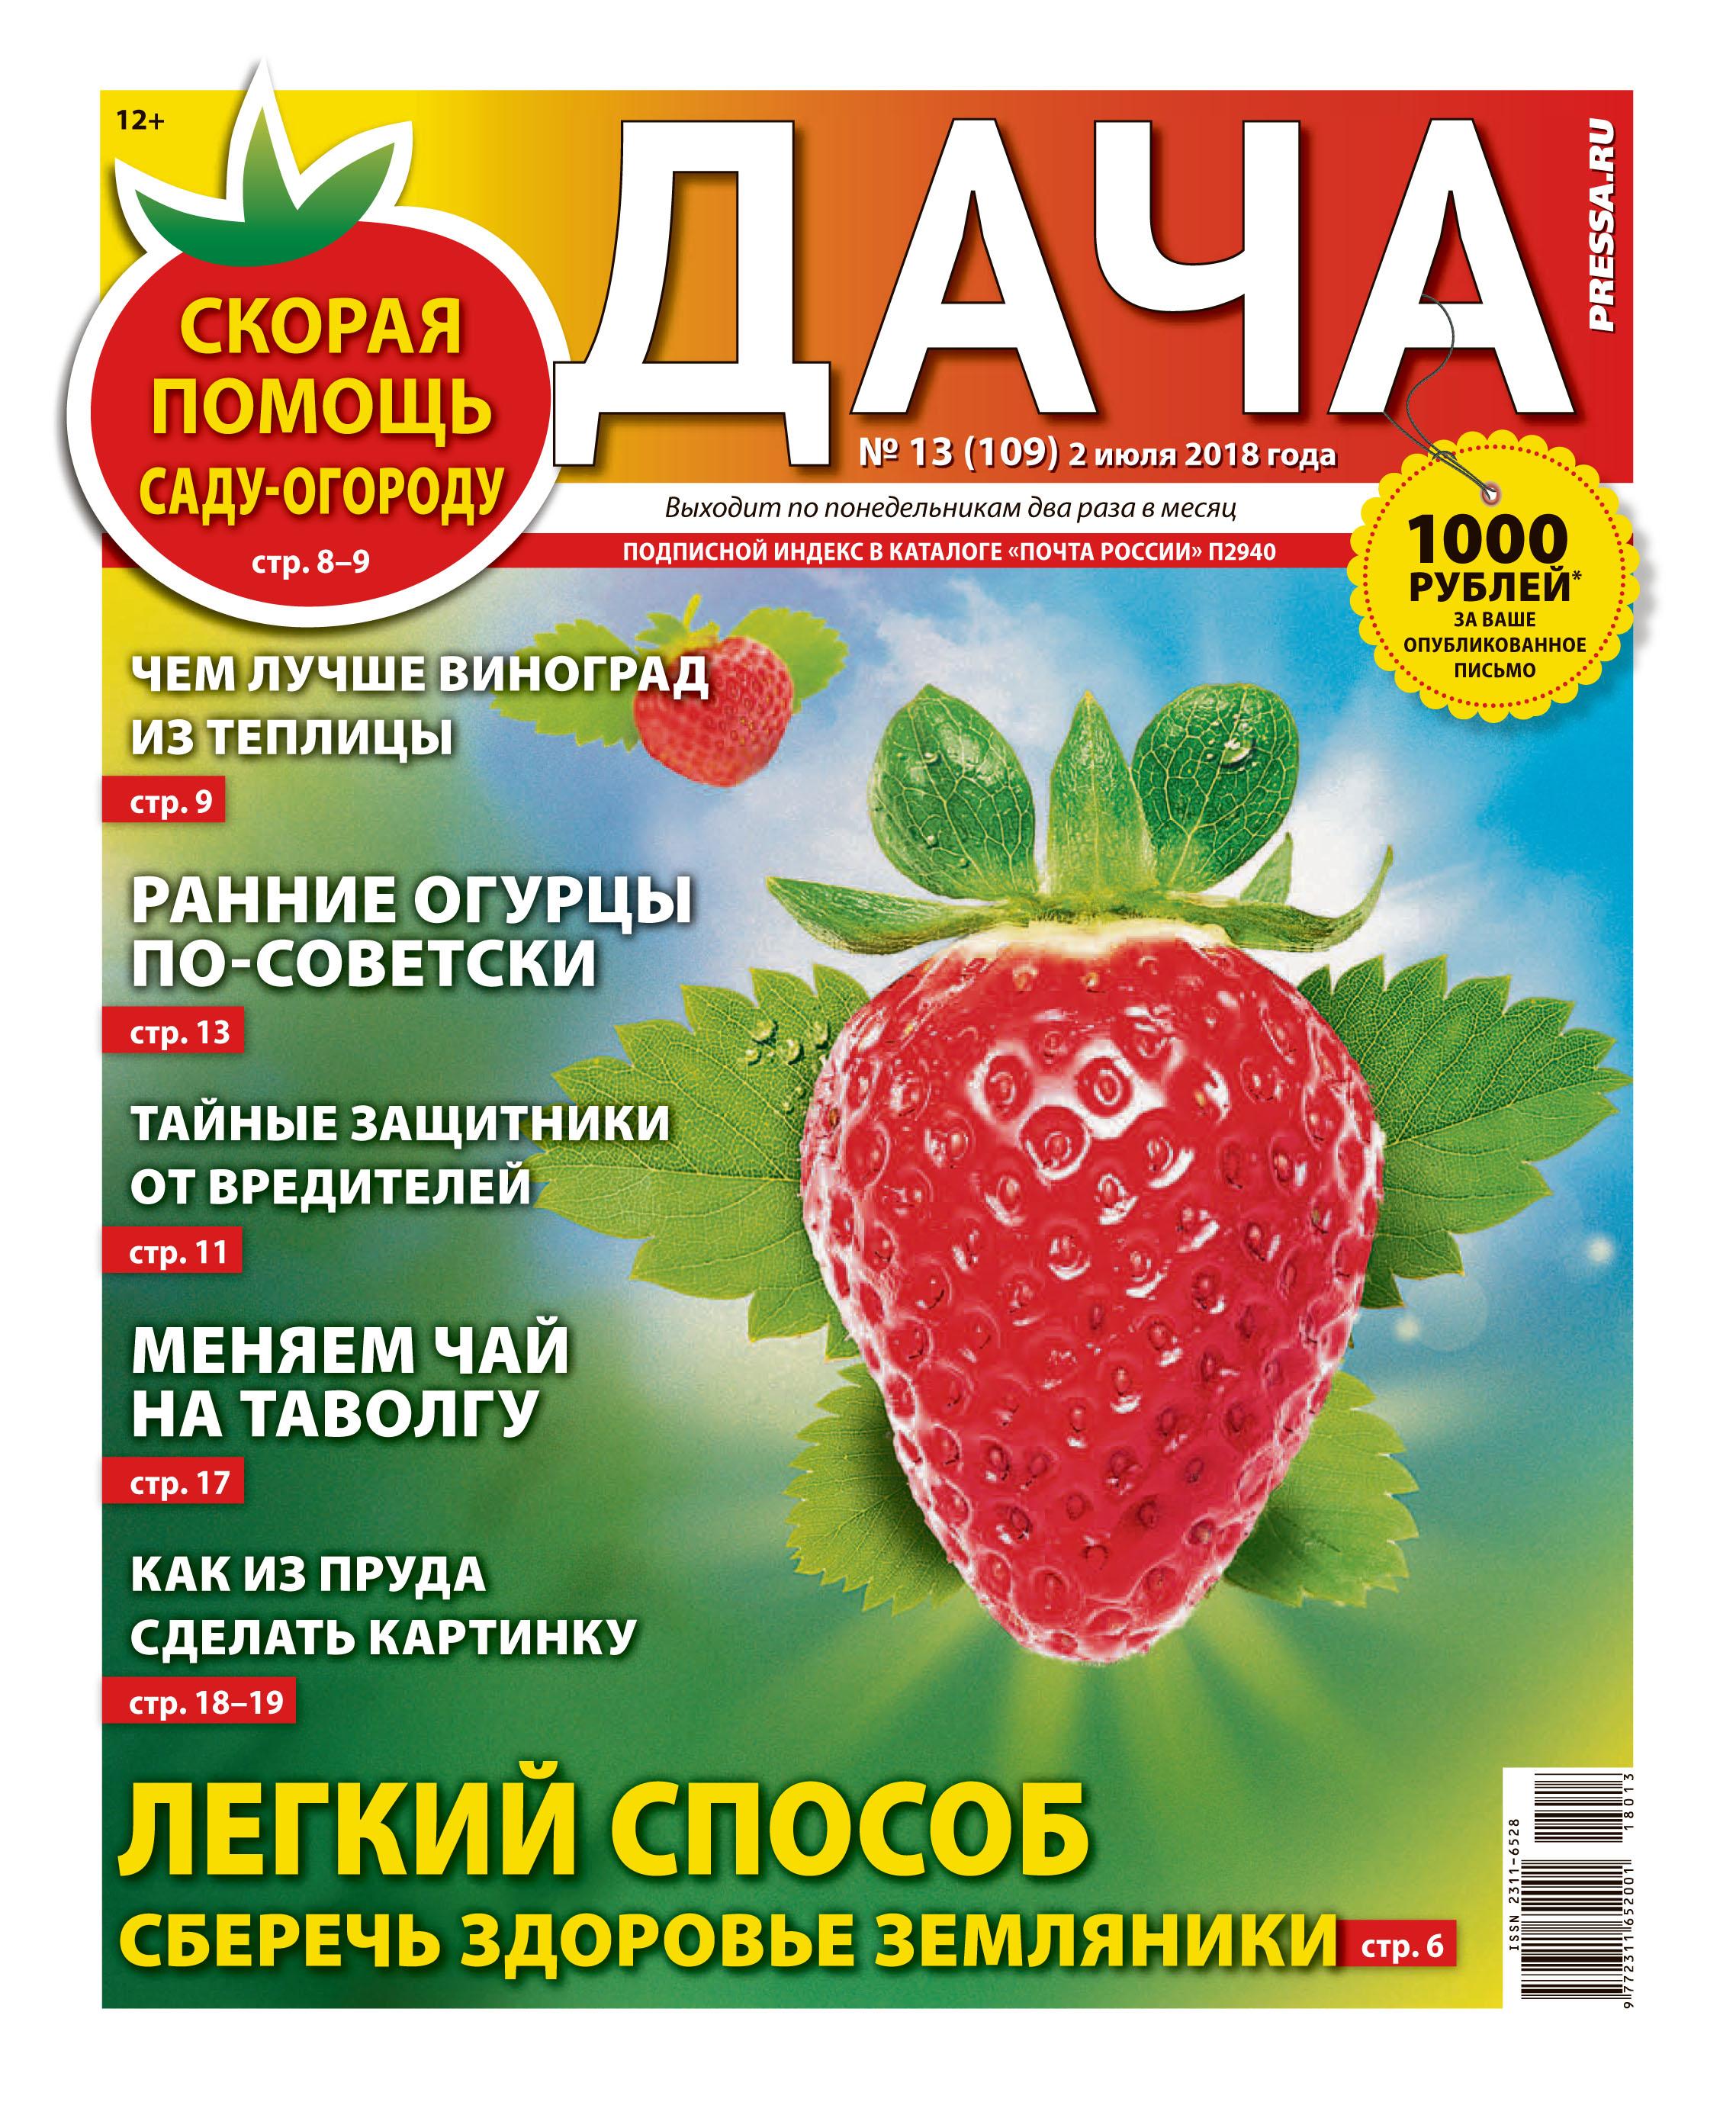 №13 (109) Легкий способ сберечь здоровье земляники